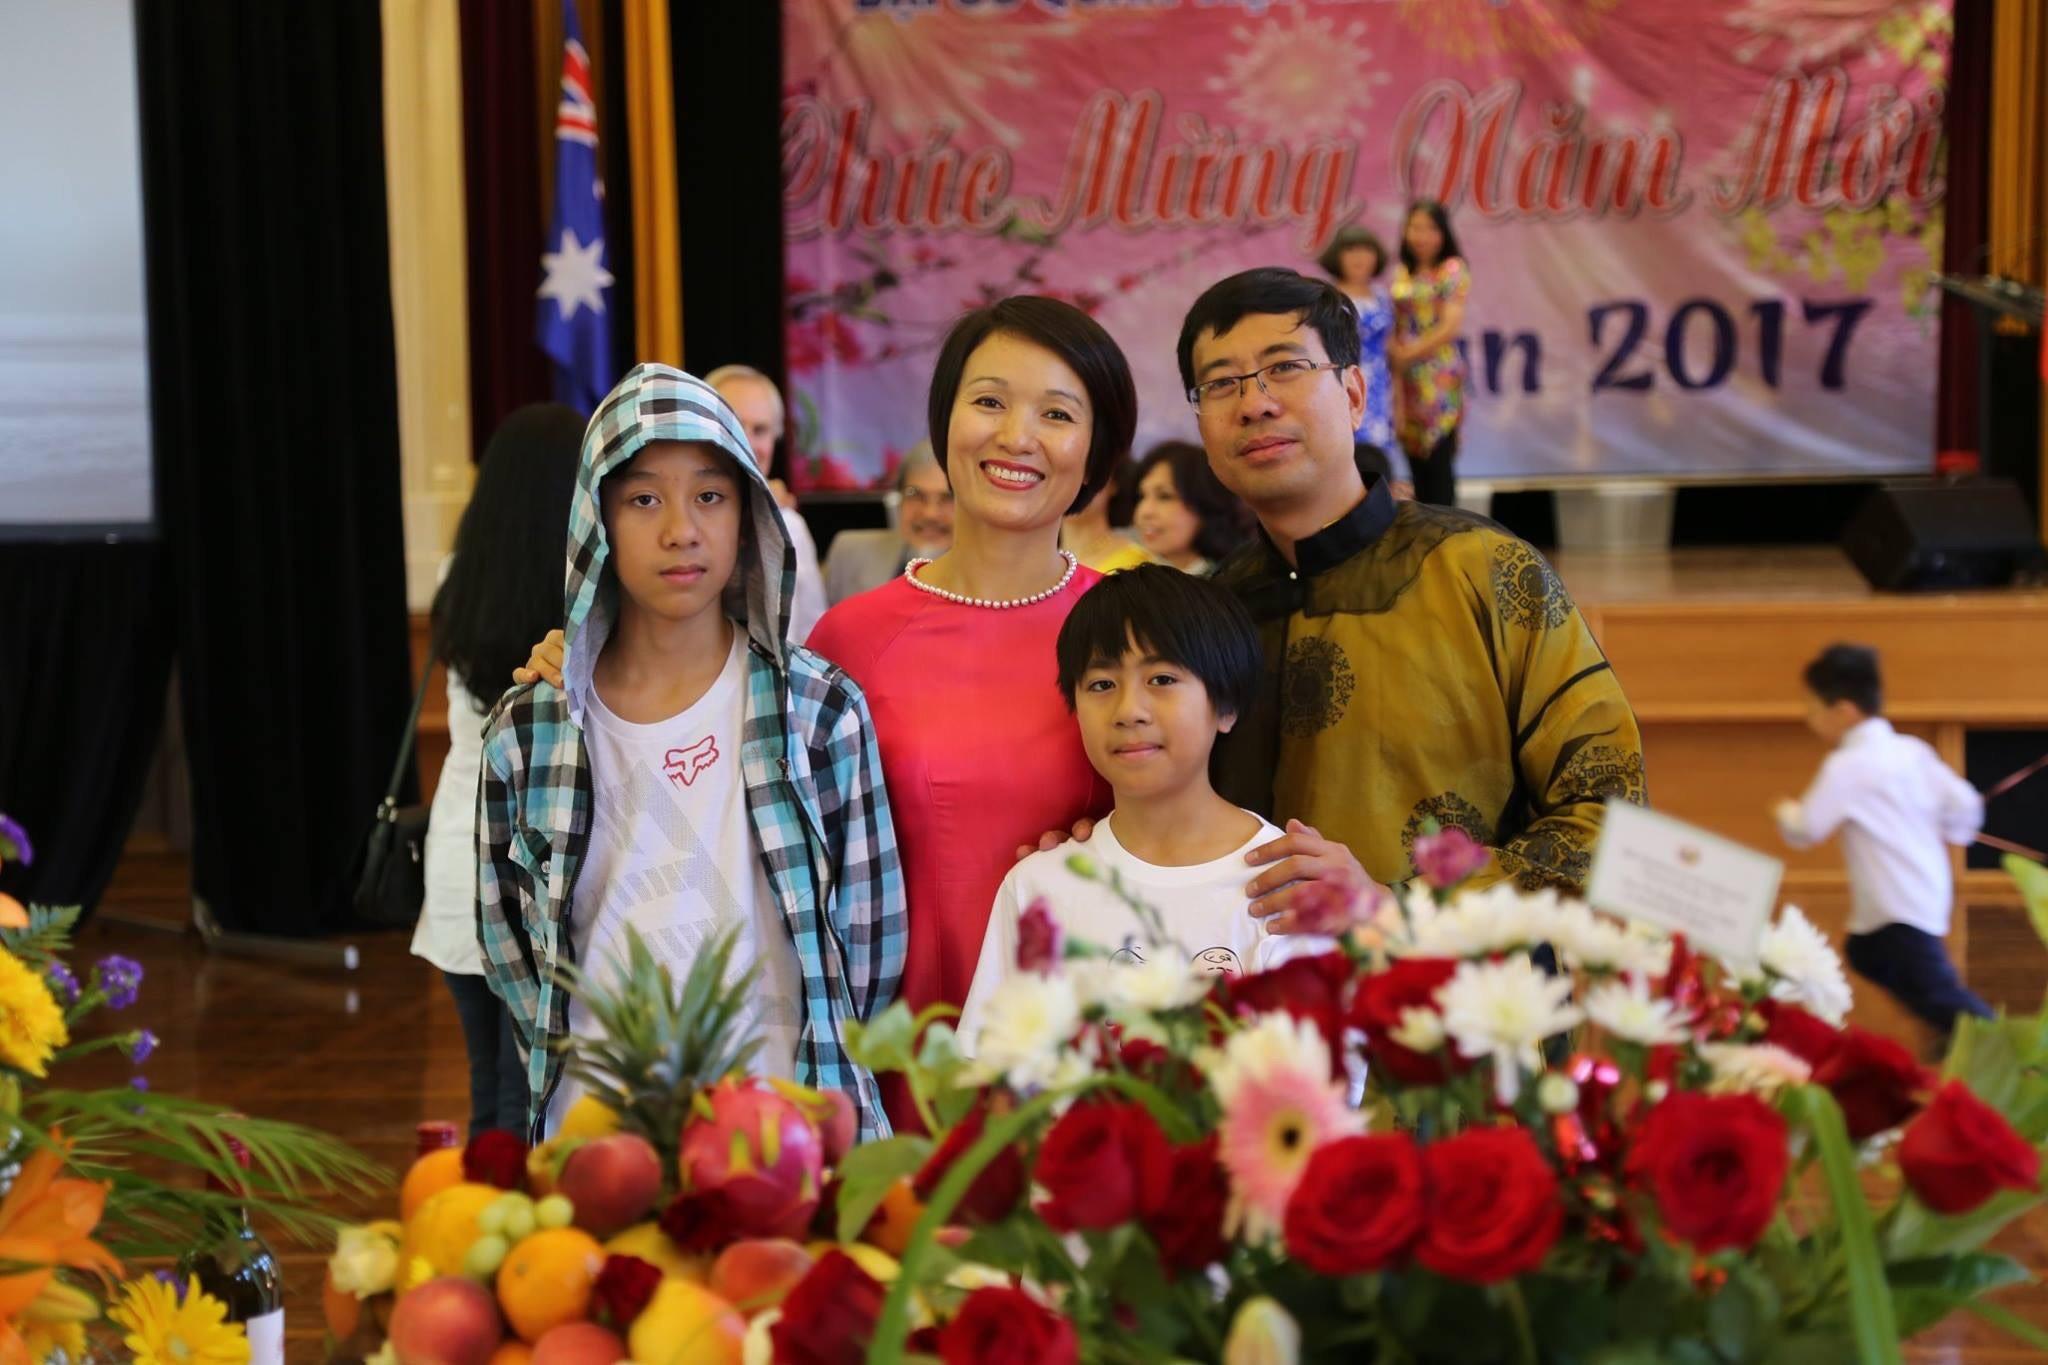 Hoàng Long (ngoài cùng bên trái) cùng bố mẹ và em tại trong dịp Tết 2017 tại Úc